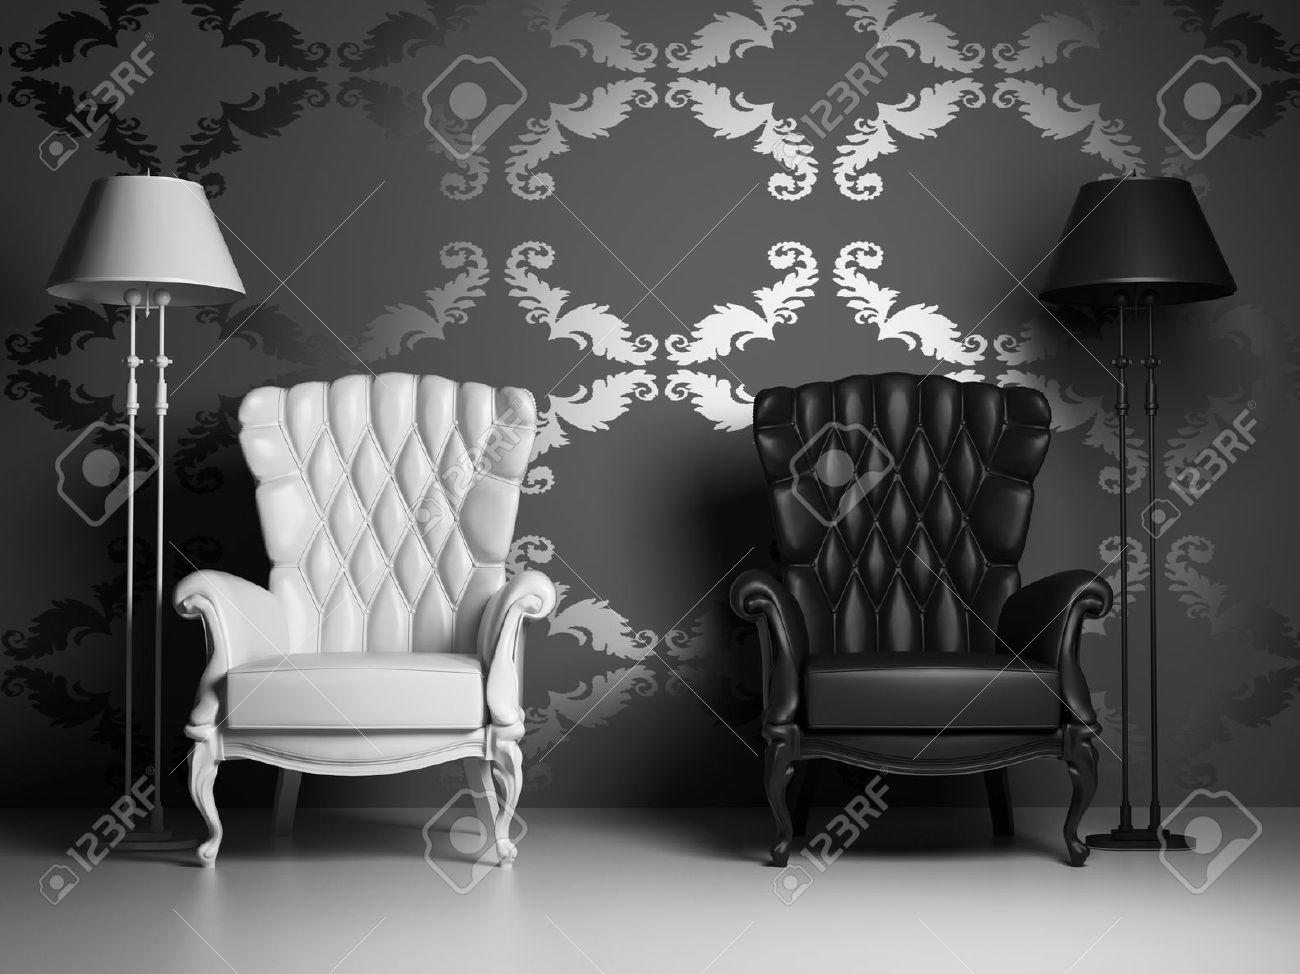 Bianco & Nero Su Poltrone D\'epoca Stile Barocco Wallpaper (3D ...